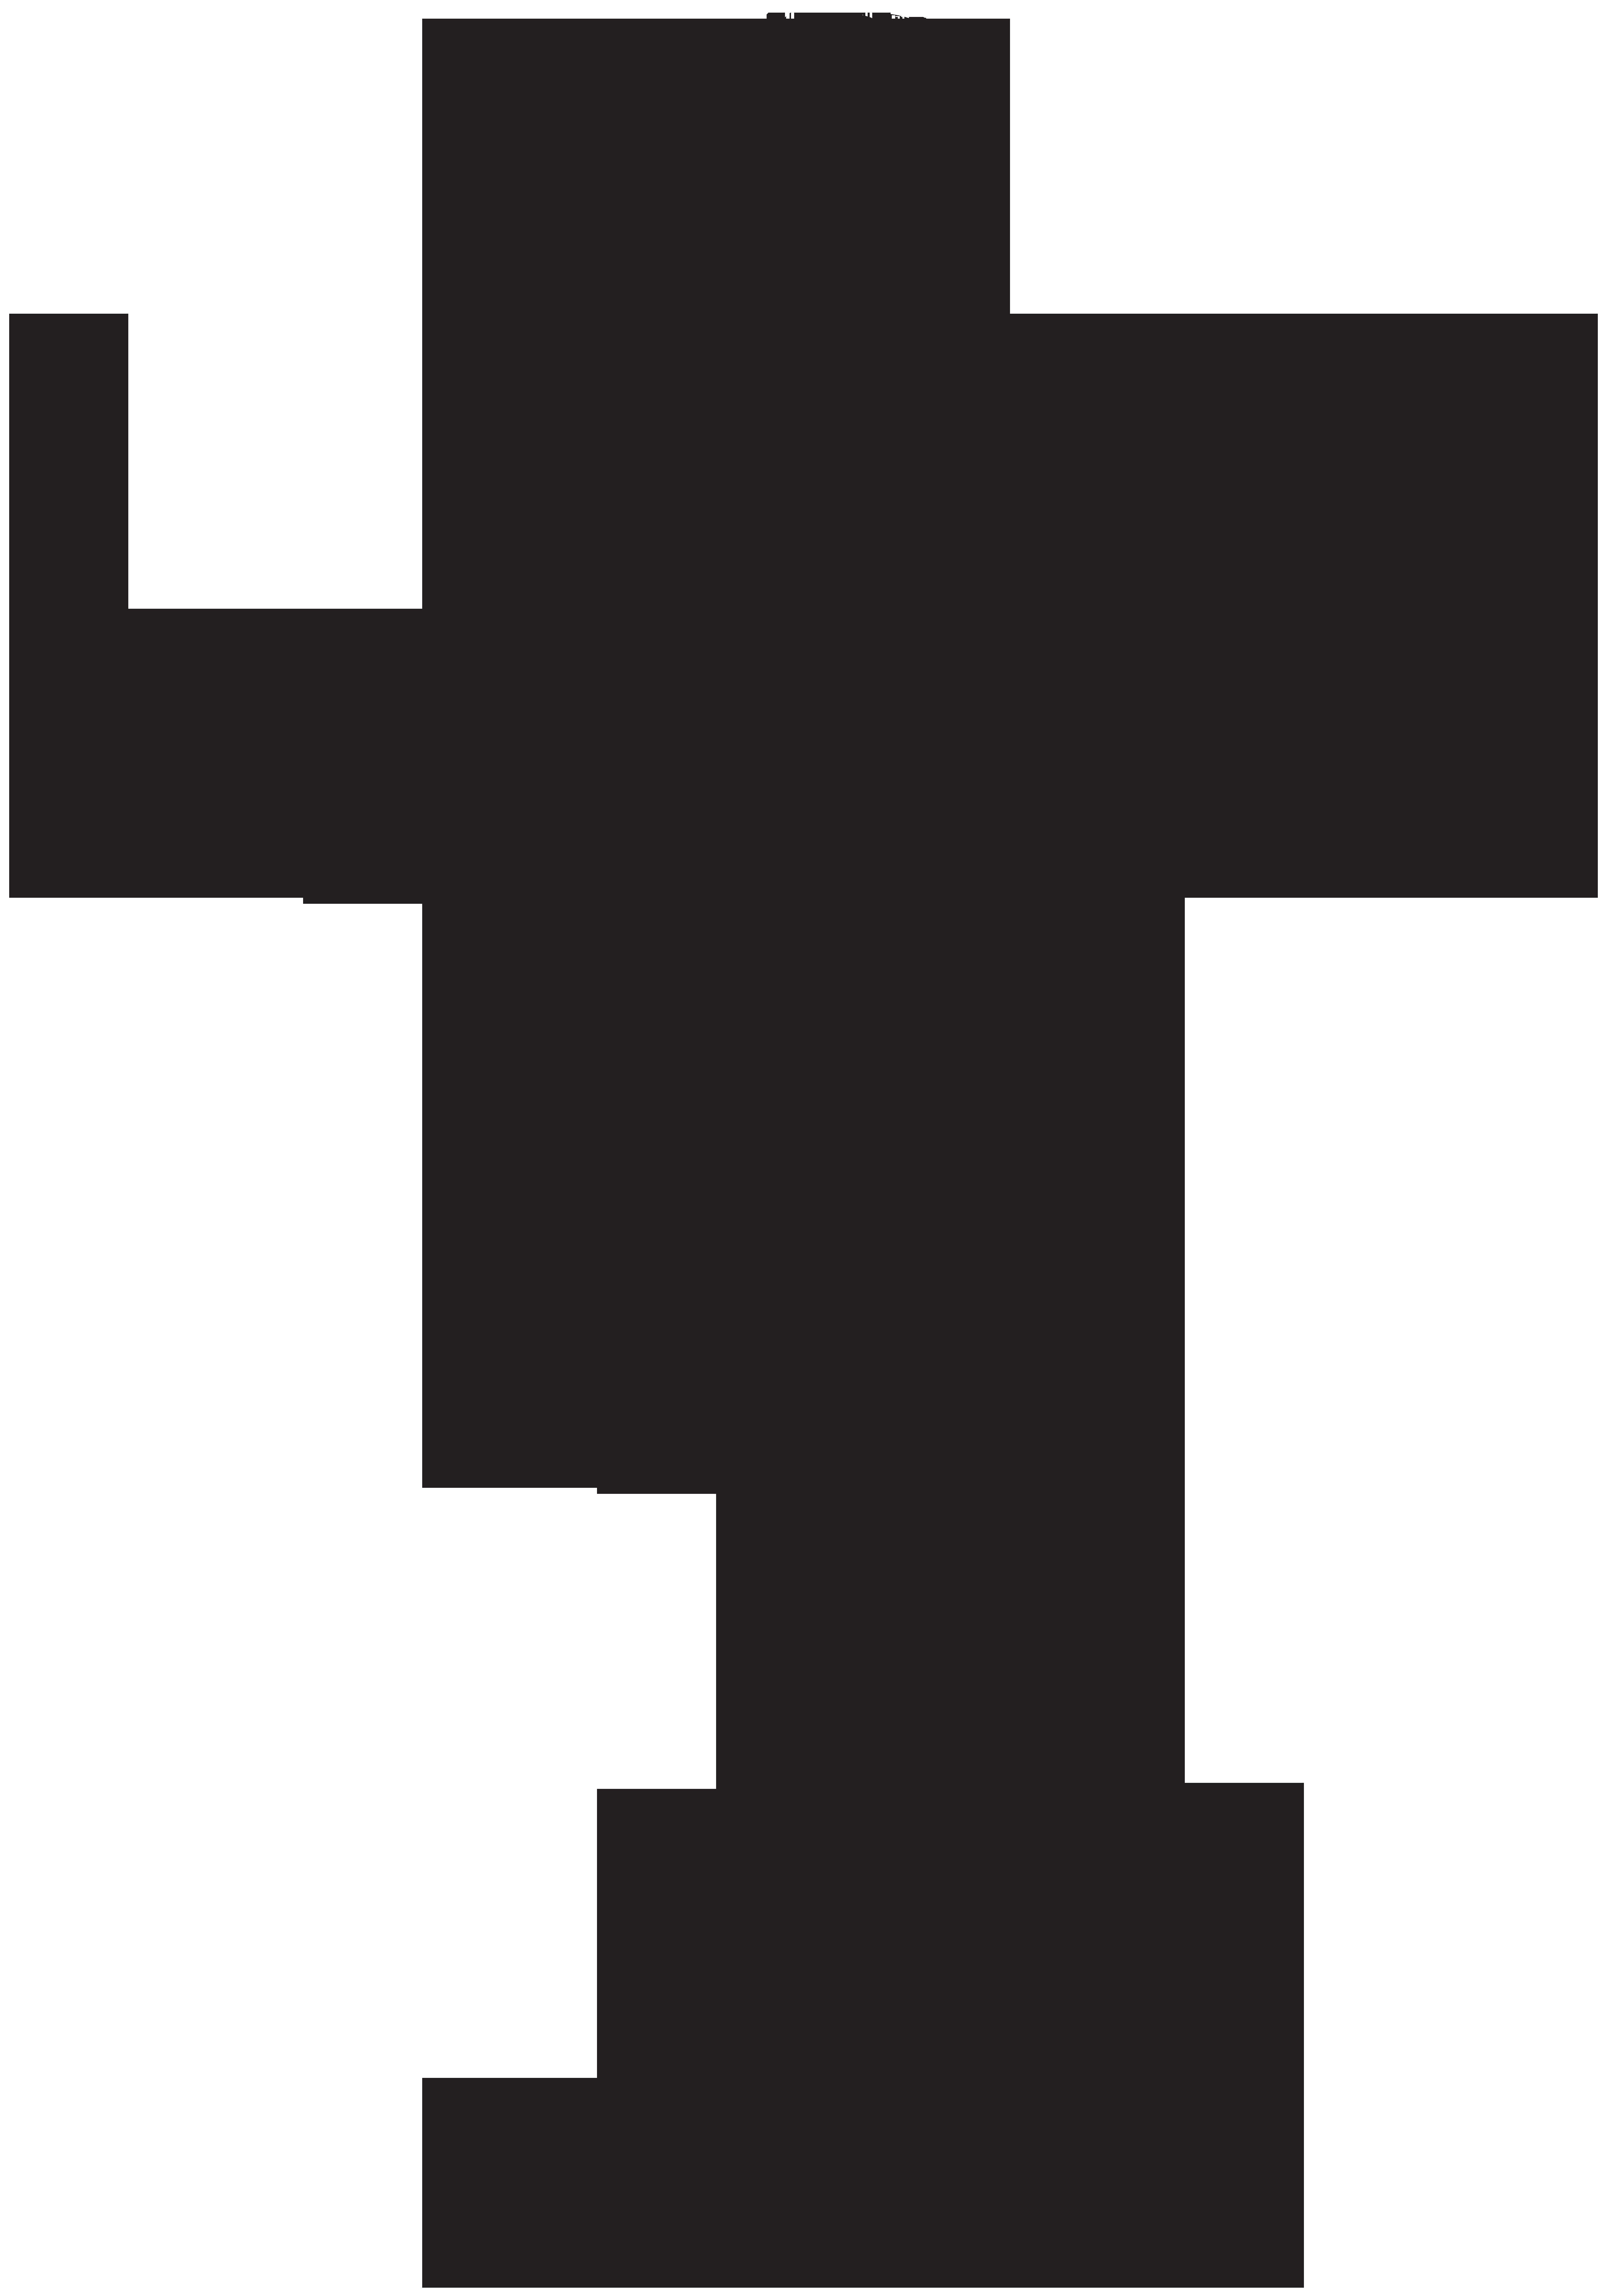 Mlk clipart silhouette. Ballerina png clip art